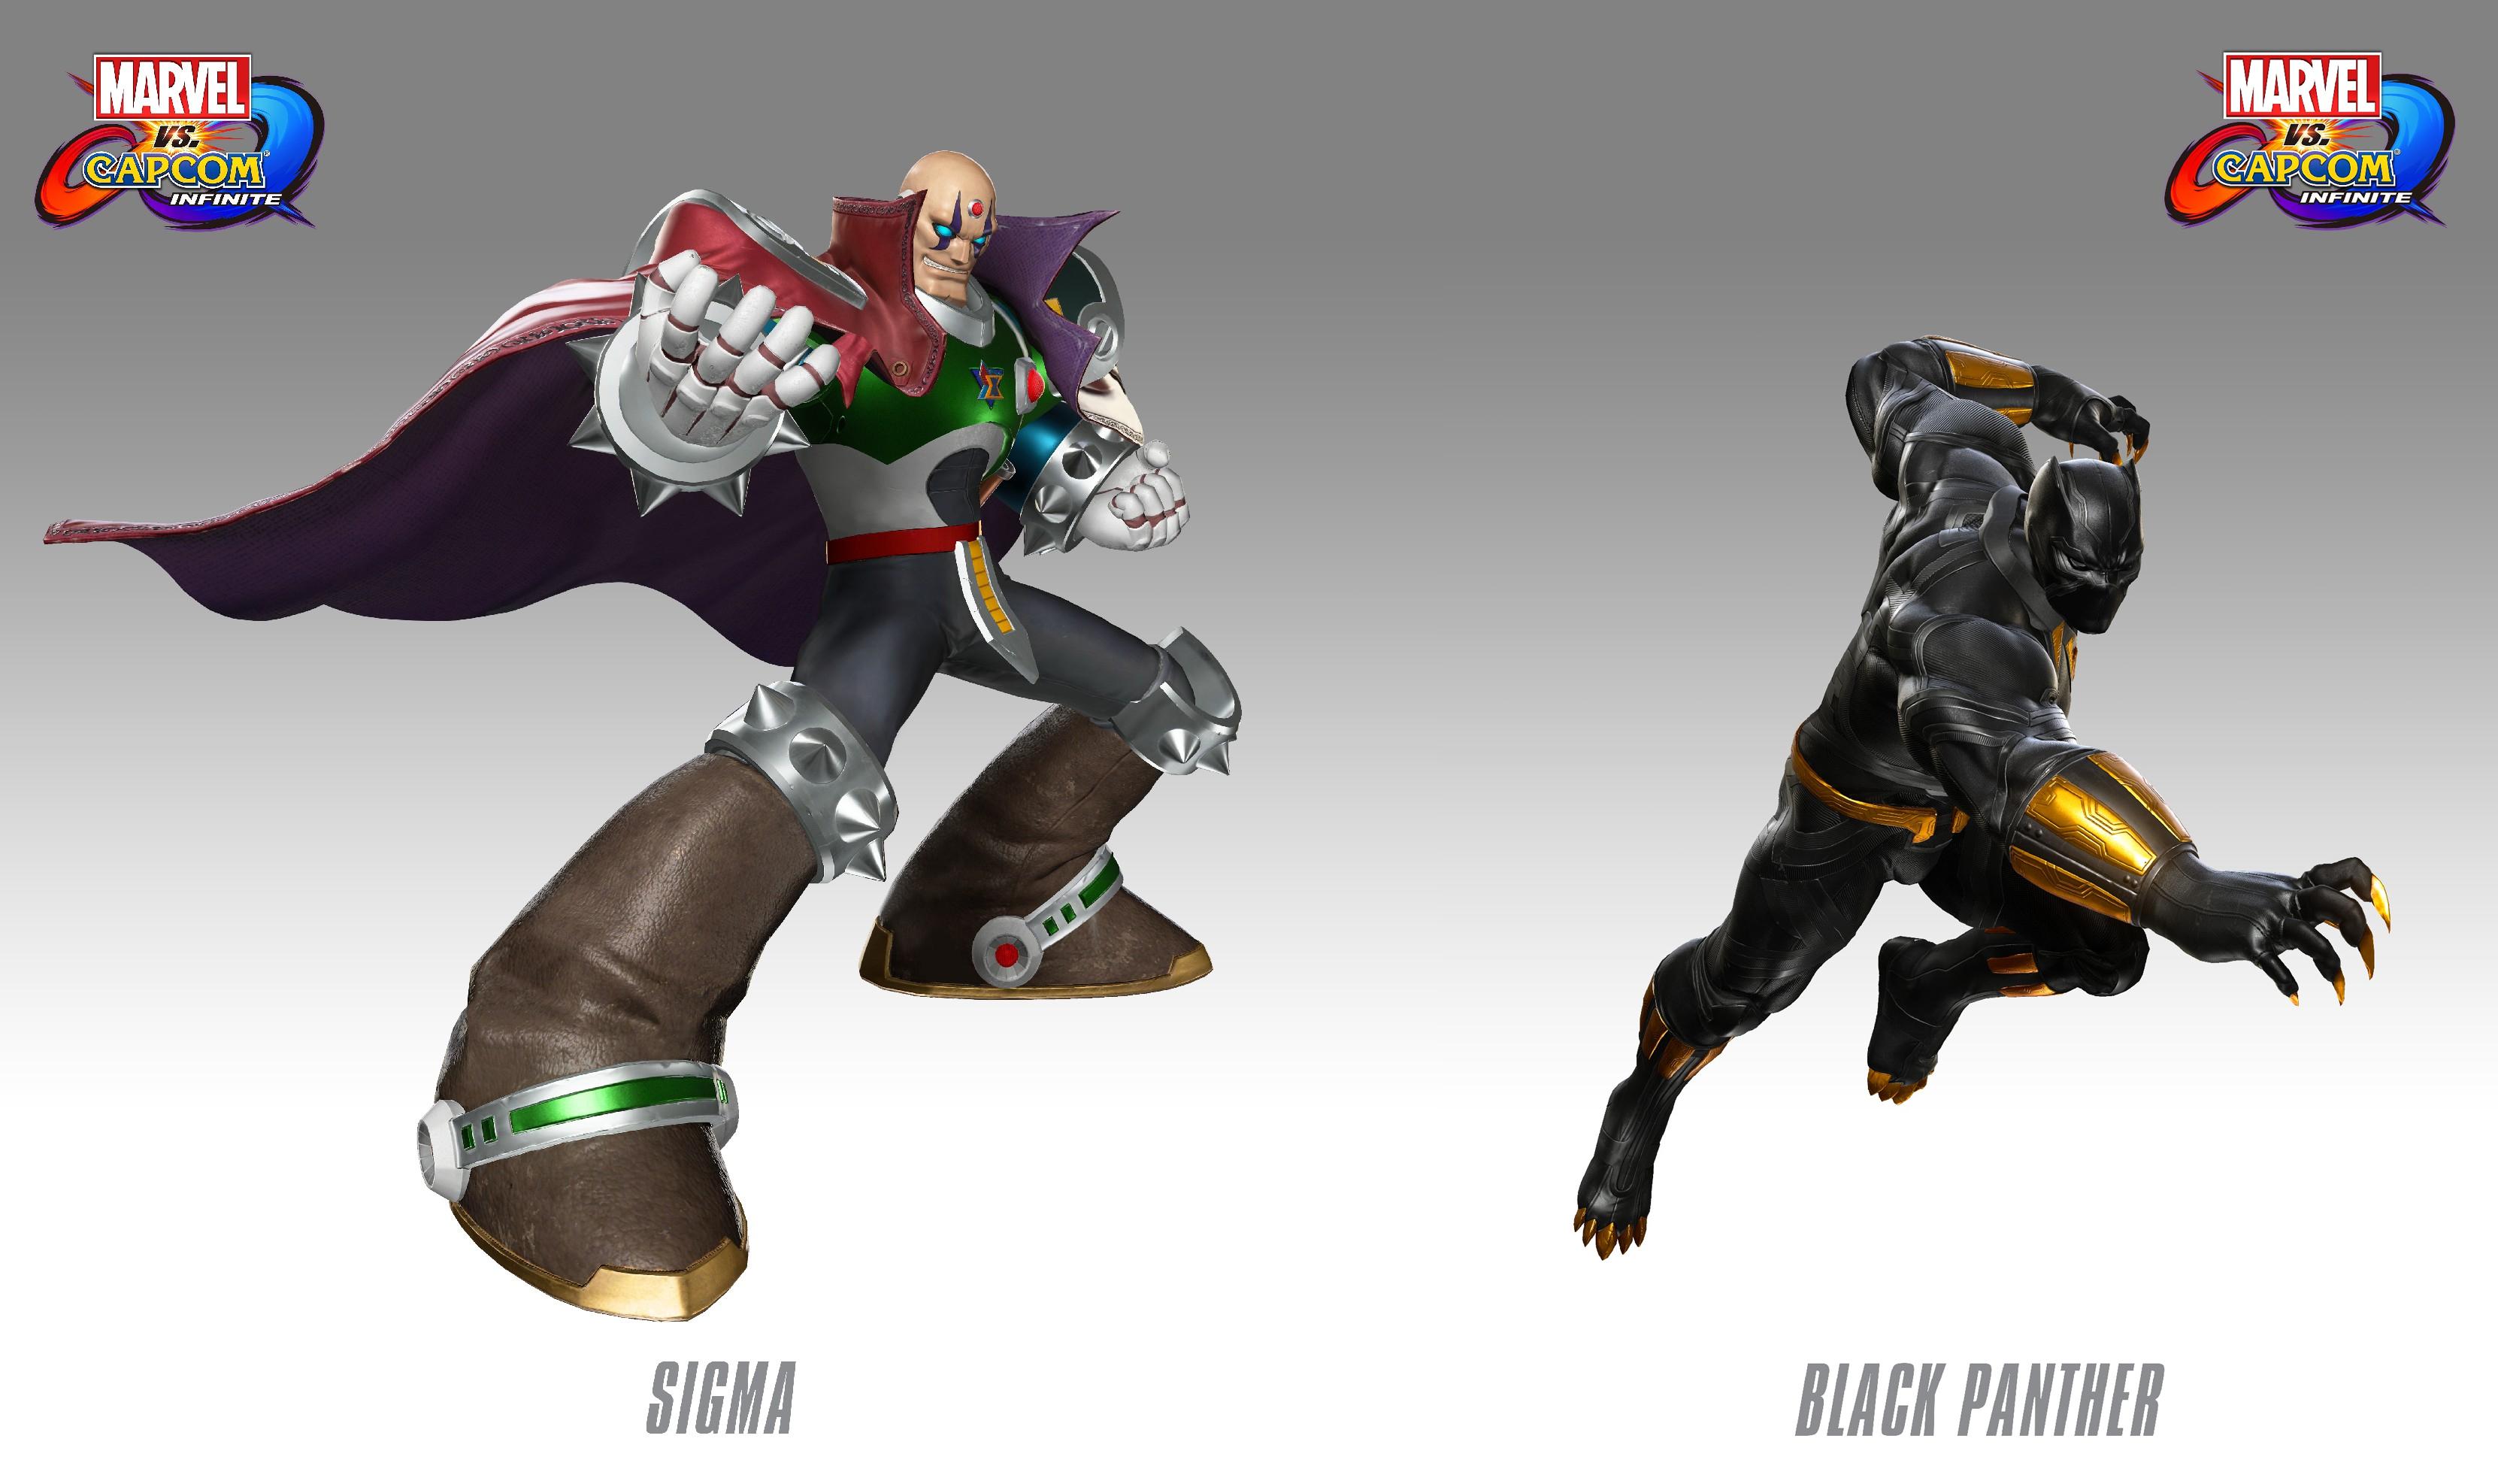 Venom y el Soldado de Invierno lucharán en Marvel VS. Capcom Infinite mediante DLC